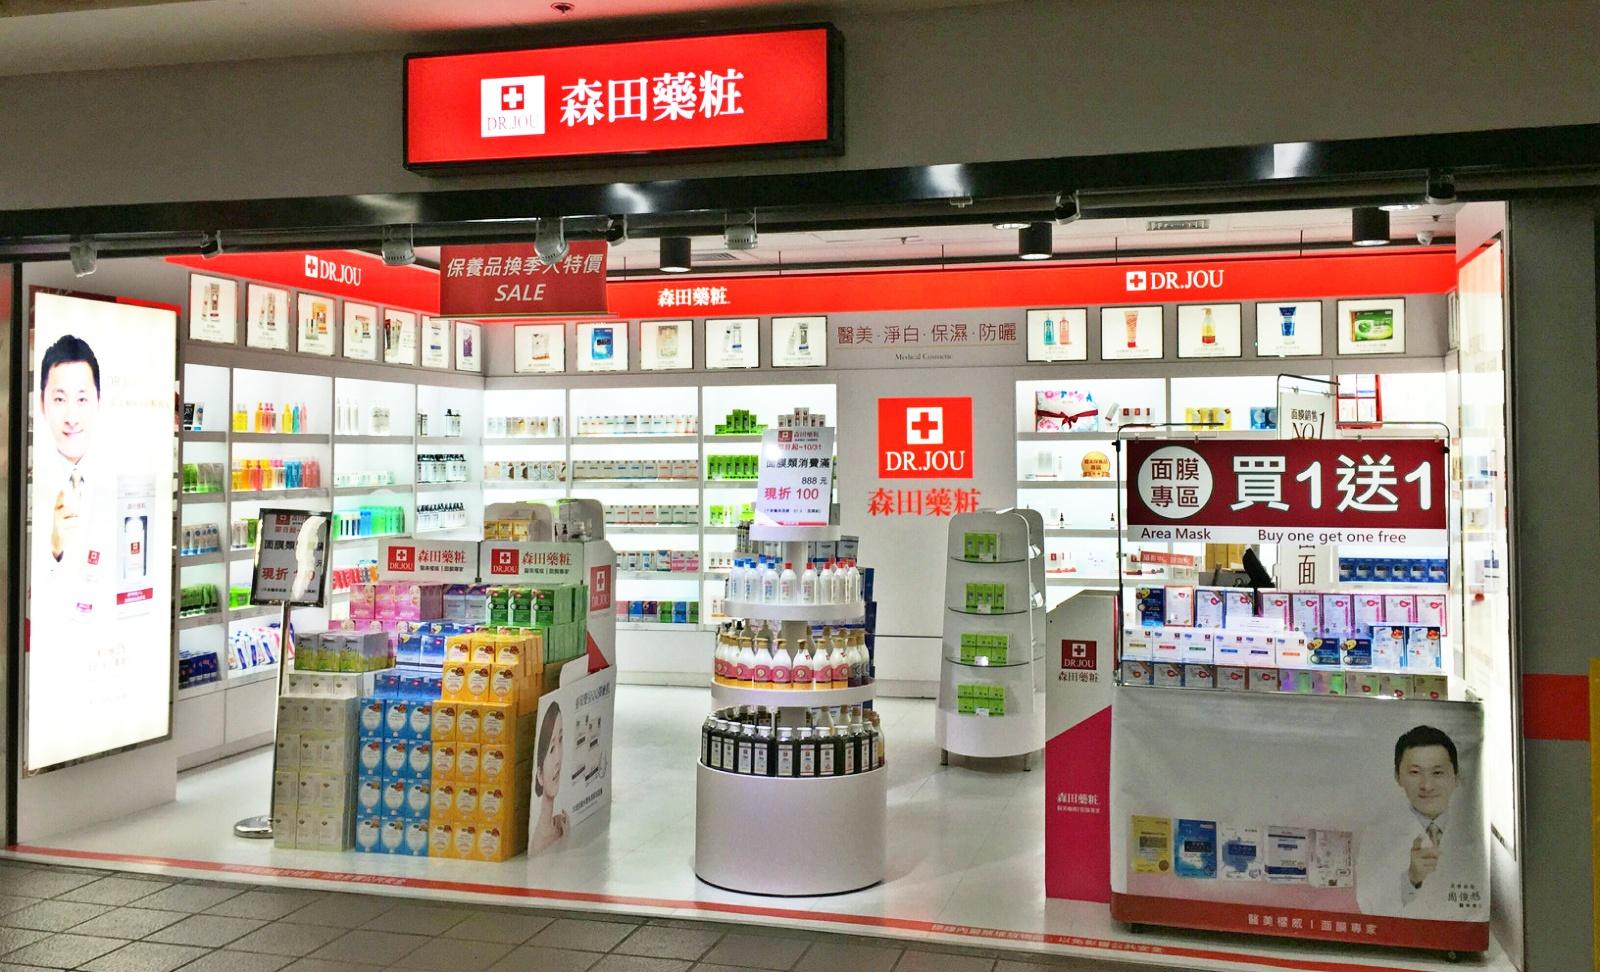 [News]  今年前7月營業額年成長63%!森田藥粧「網紅行銷」成功2關鍵,收服大馬華人的心